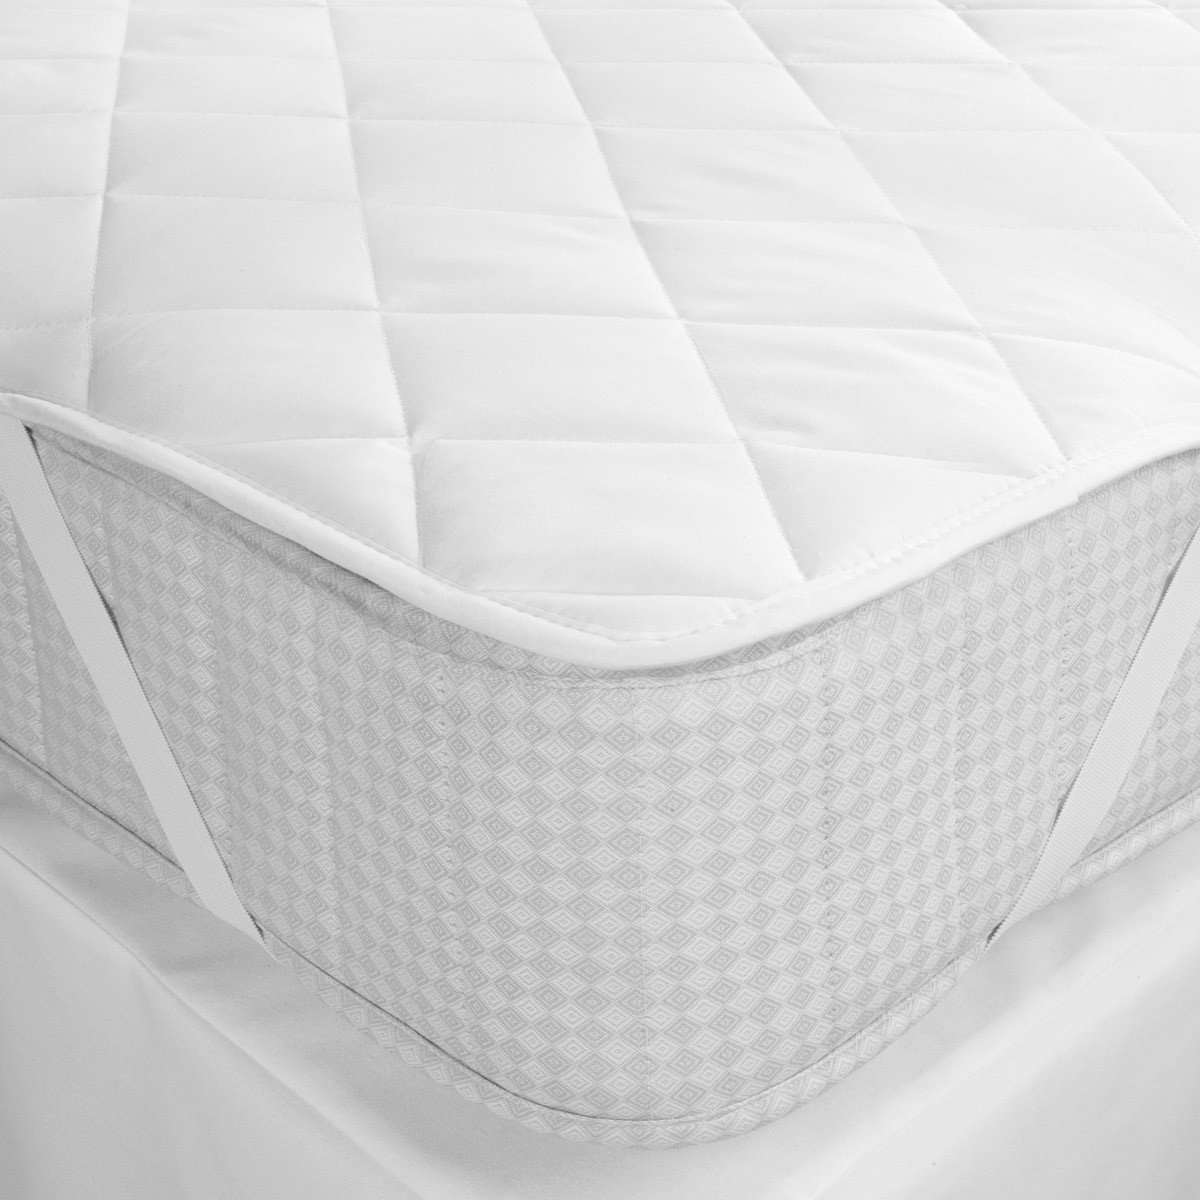 Buy CarryWishiya Premium Waterproof Mattress Protector For Double ... : waterproof quilt protector - Adamdwight.com